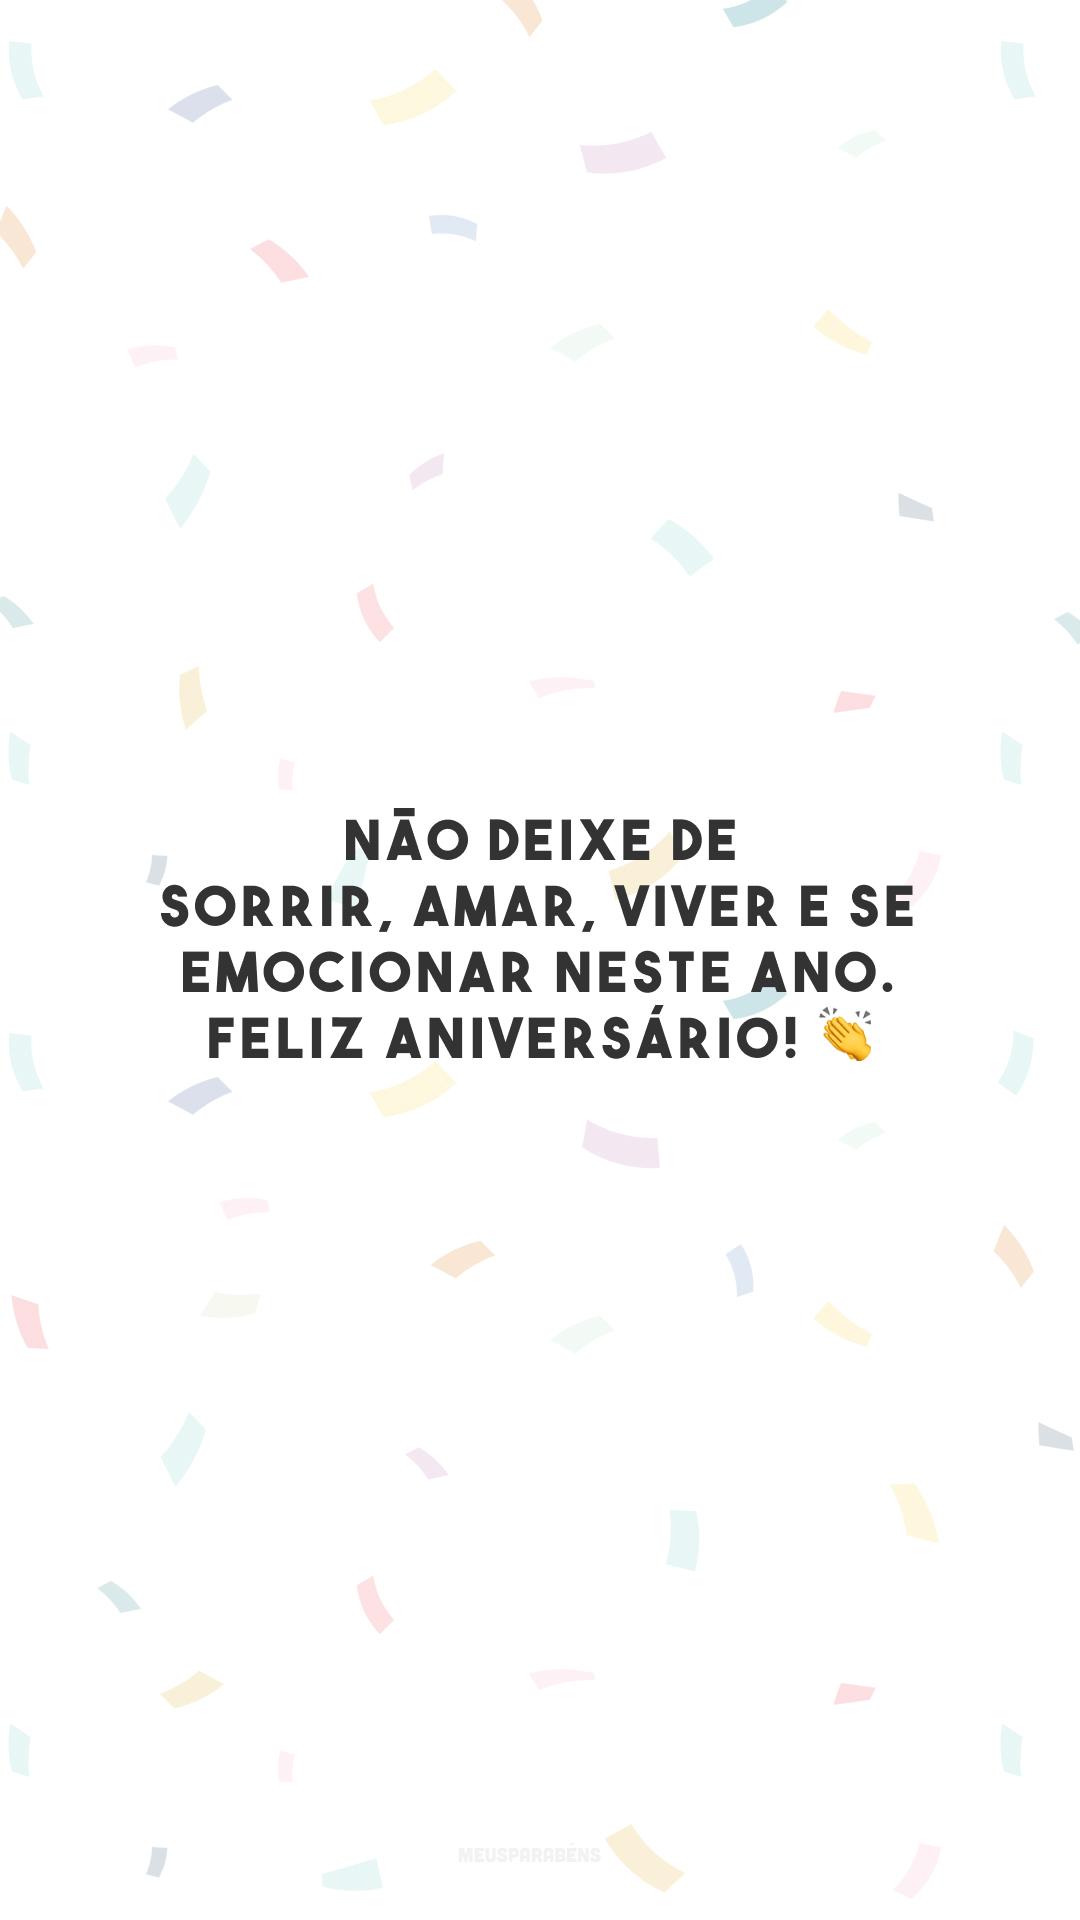 Não deixe de sorrir, amar, viver e se emocionar neste ano. Feliz aniversário! 👏